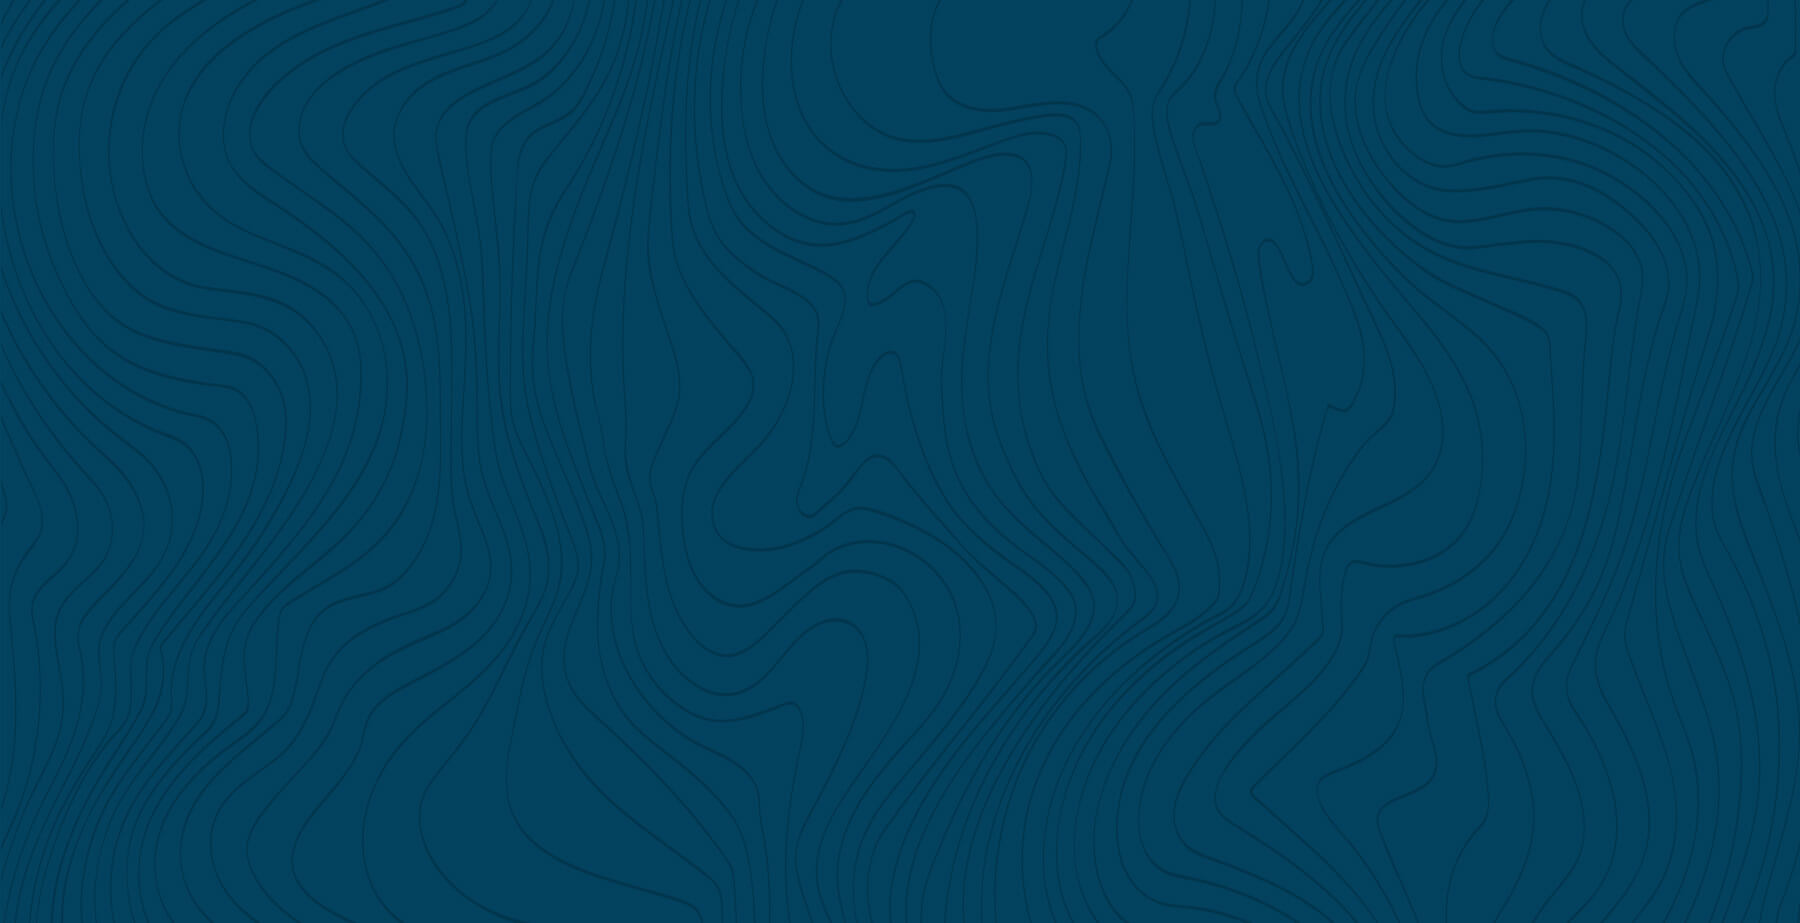 Fond bleu avec des lignes